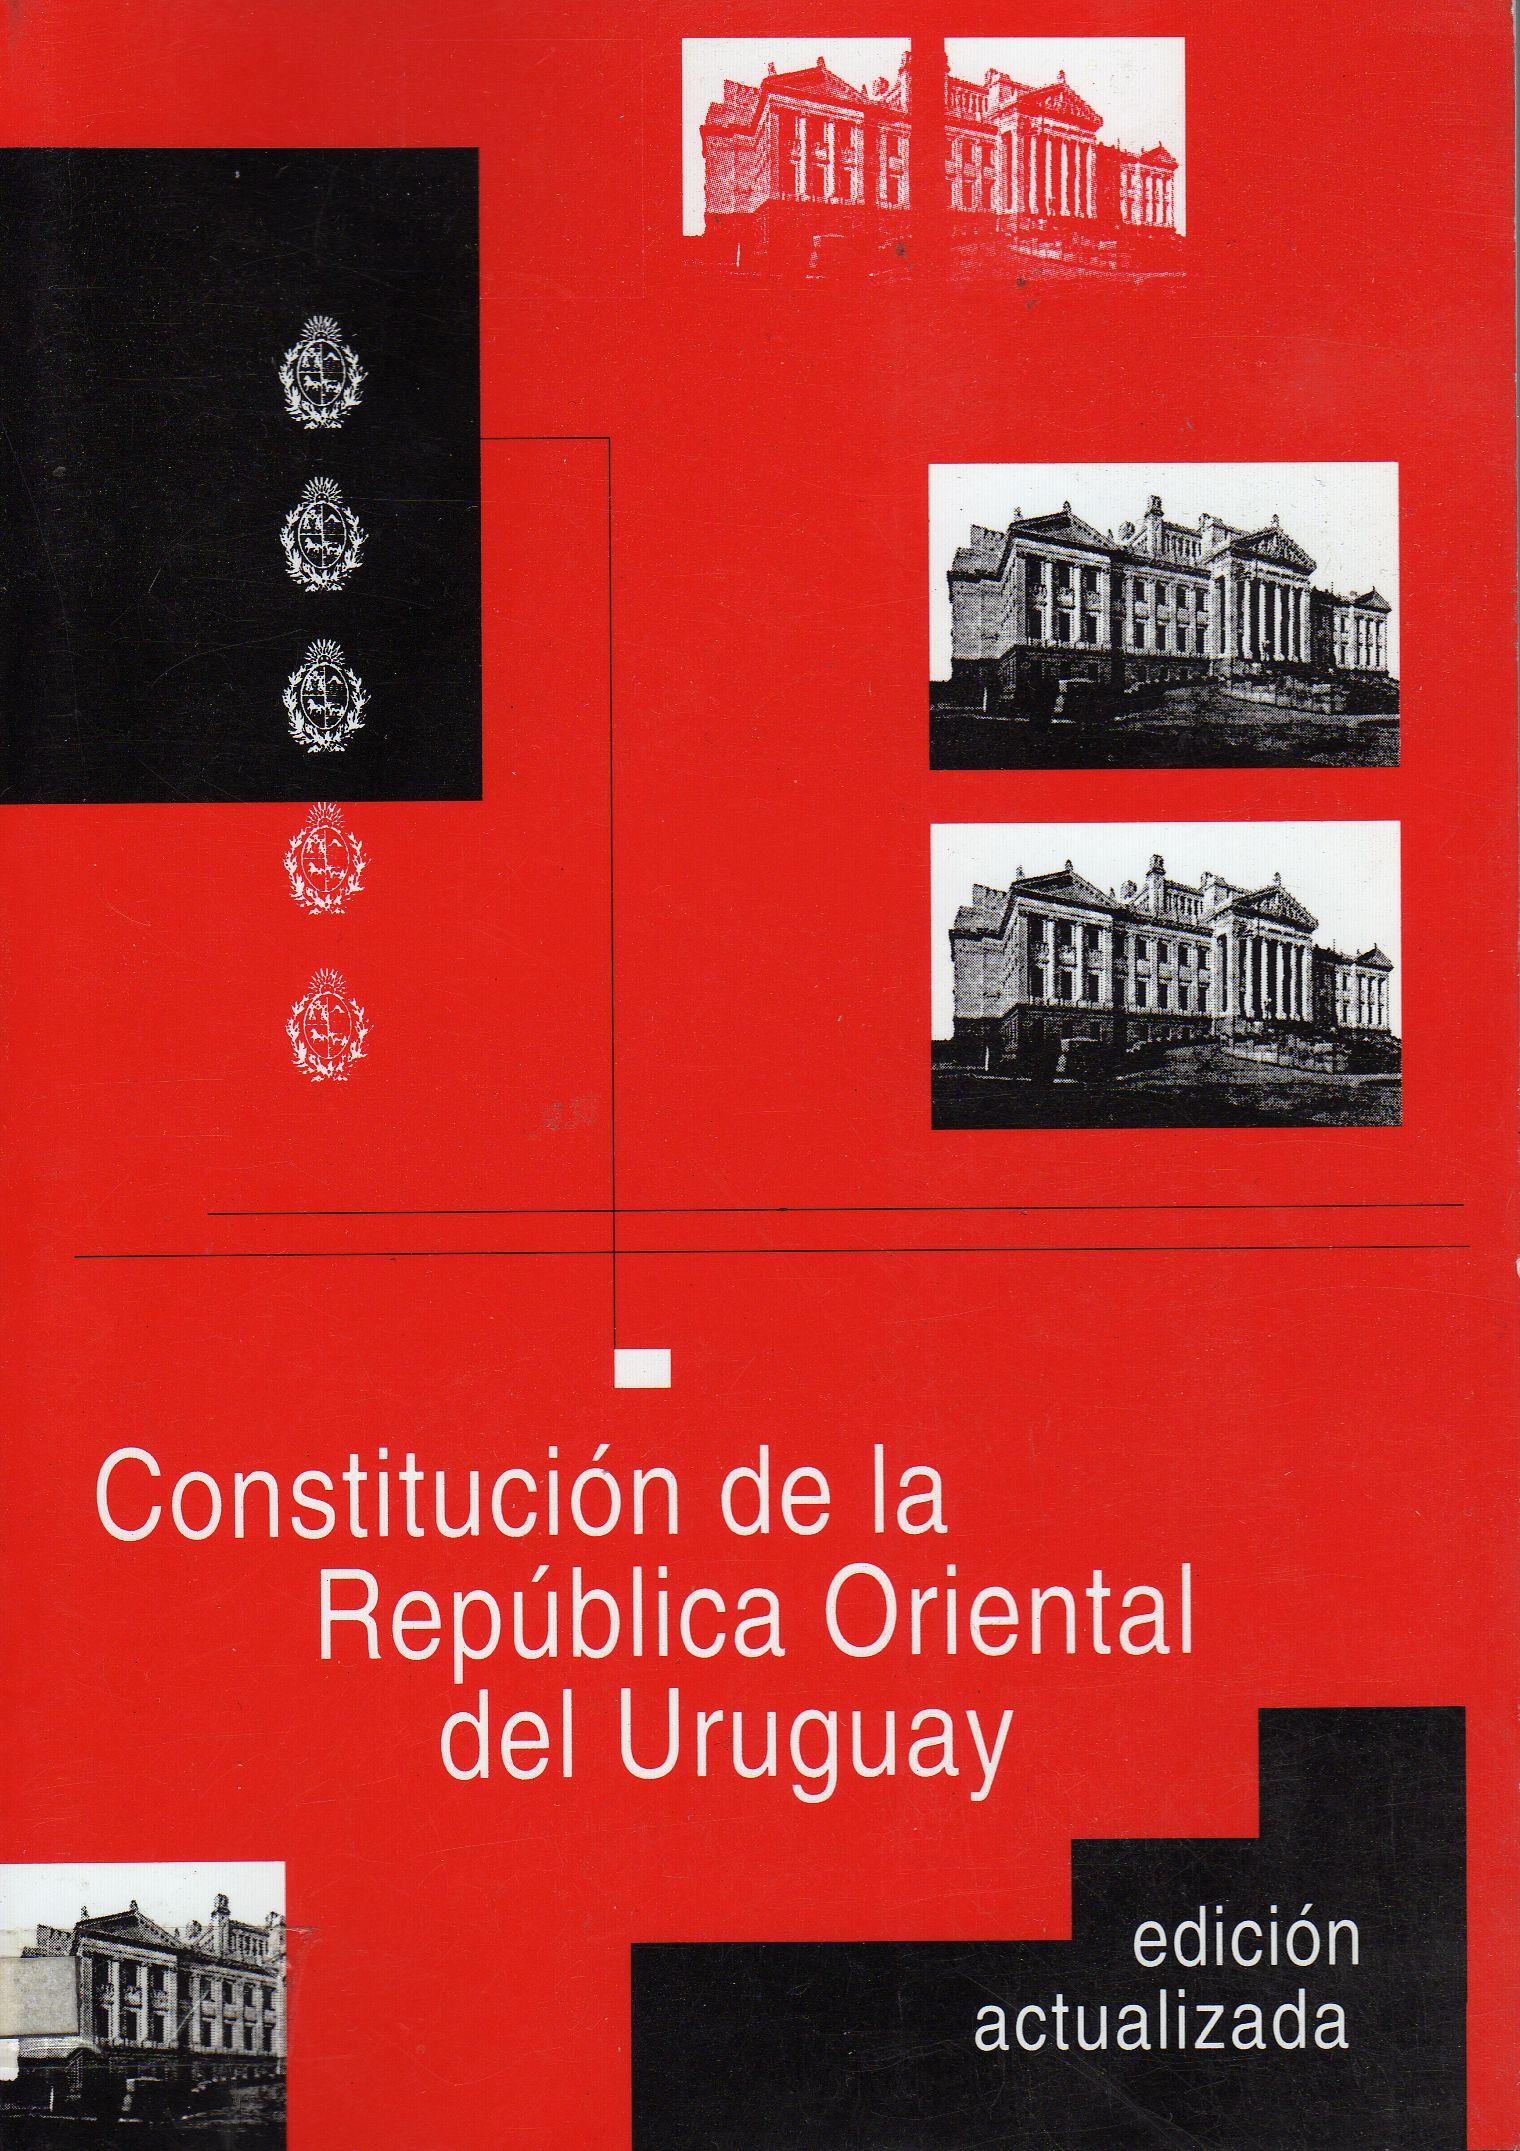 Constitución de la República Oriental del Uruguay.